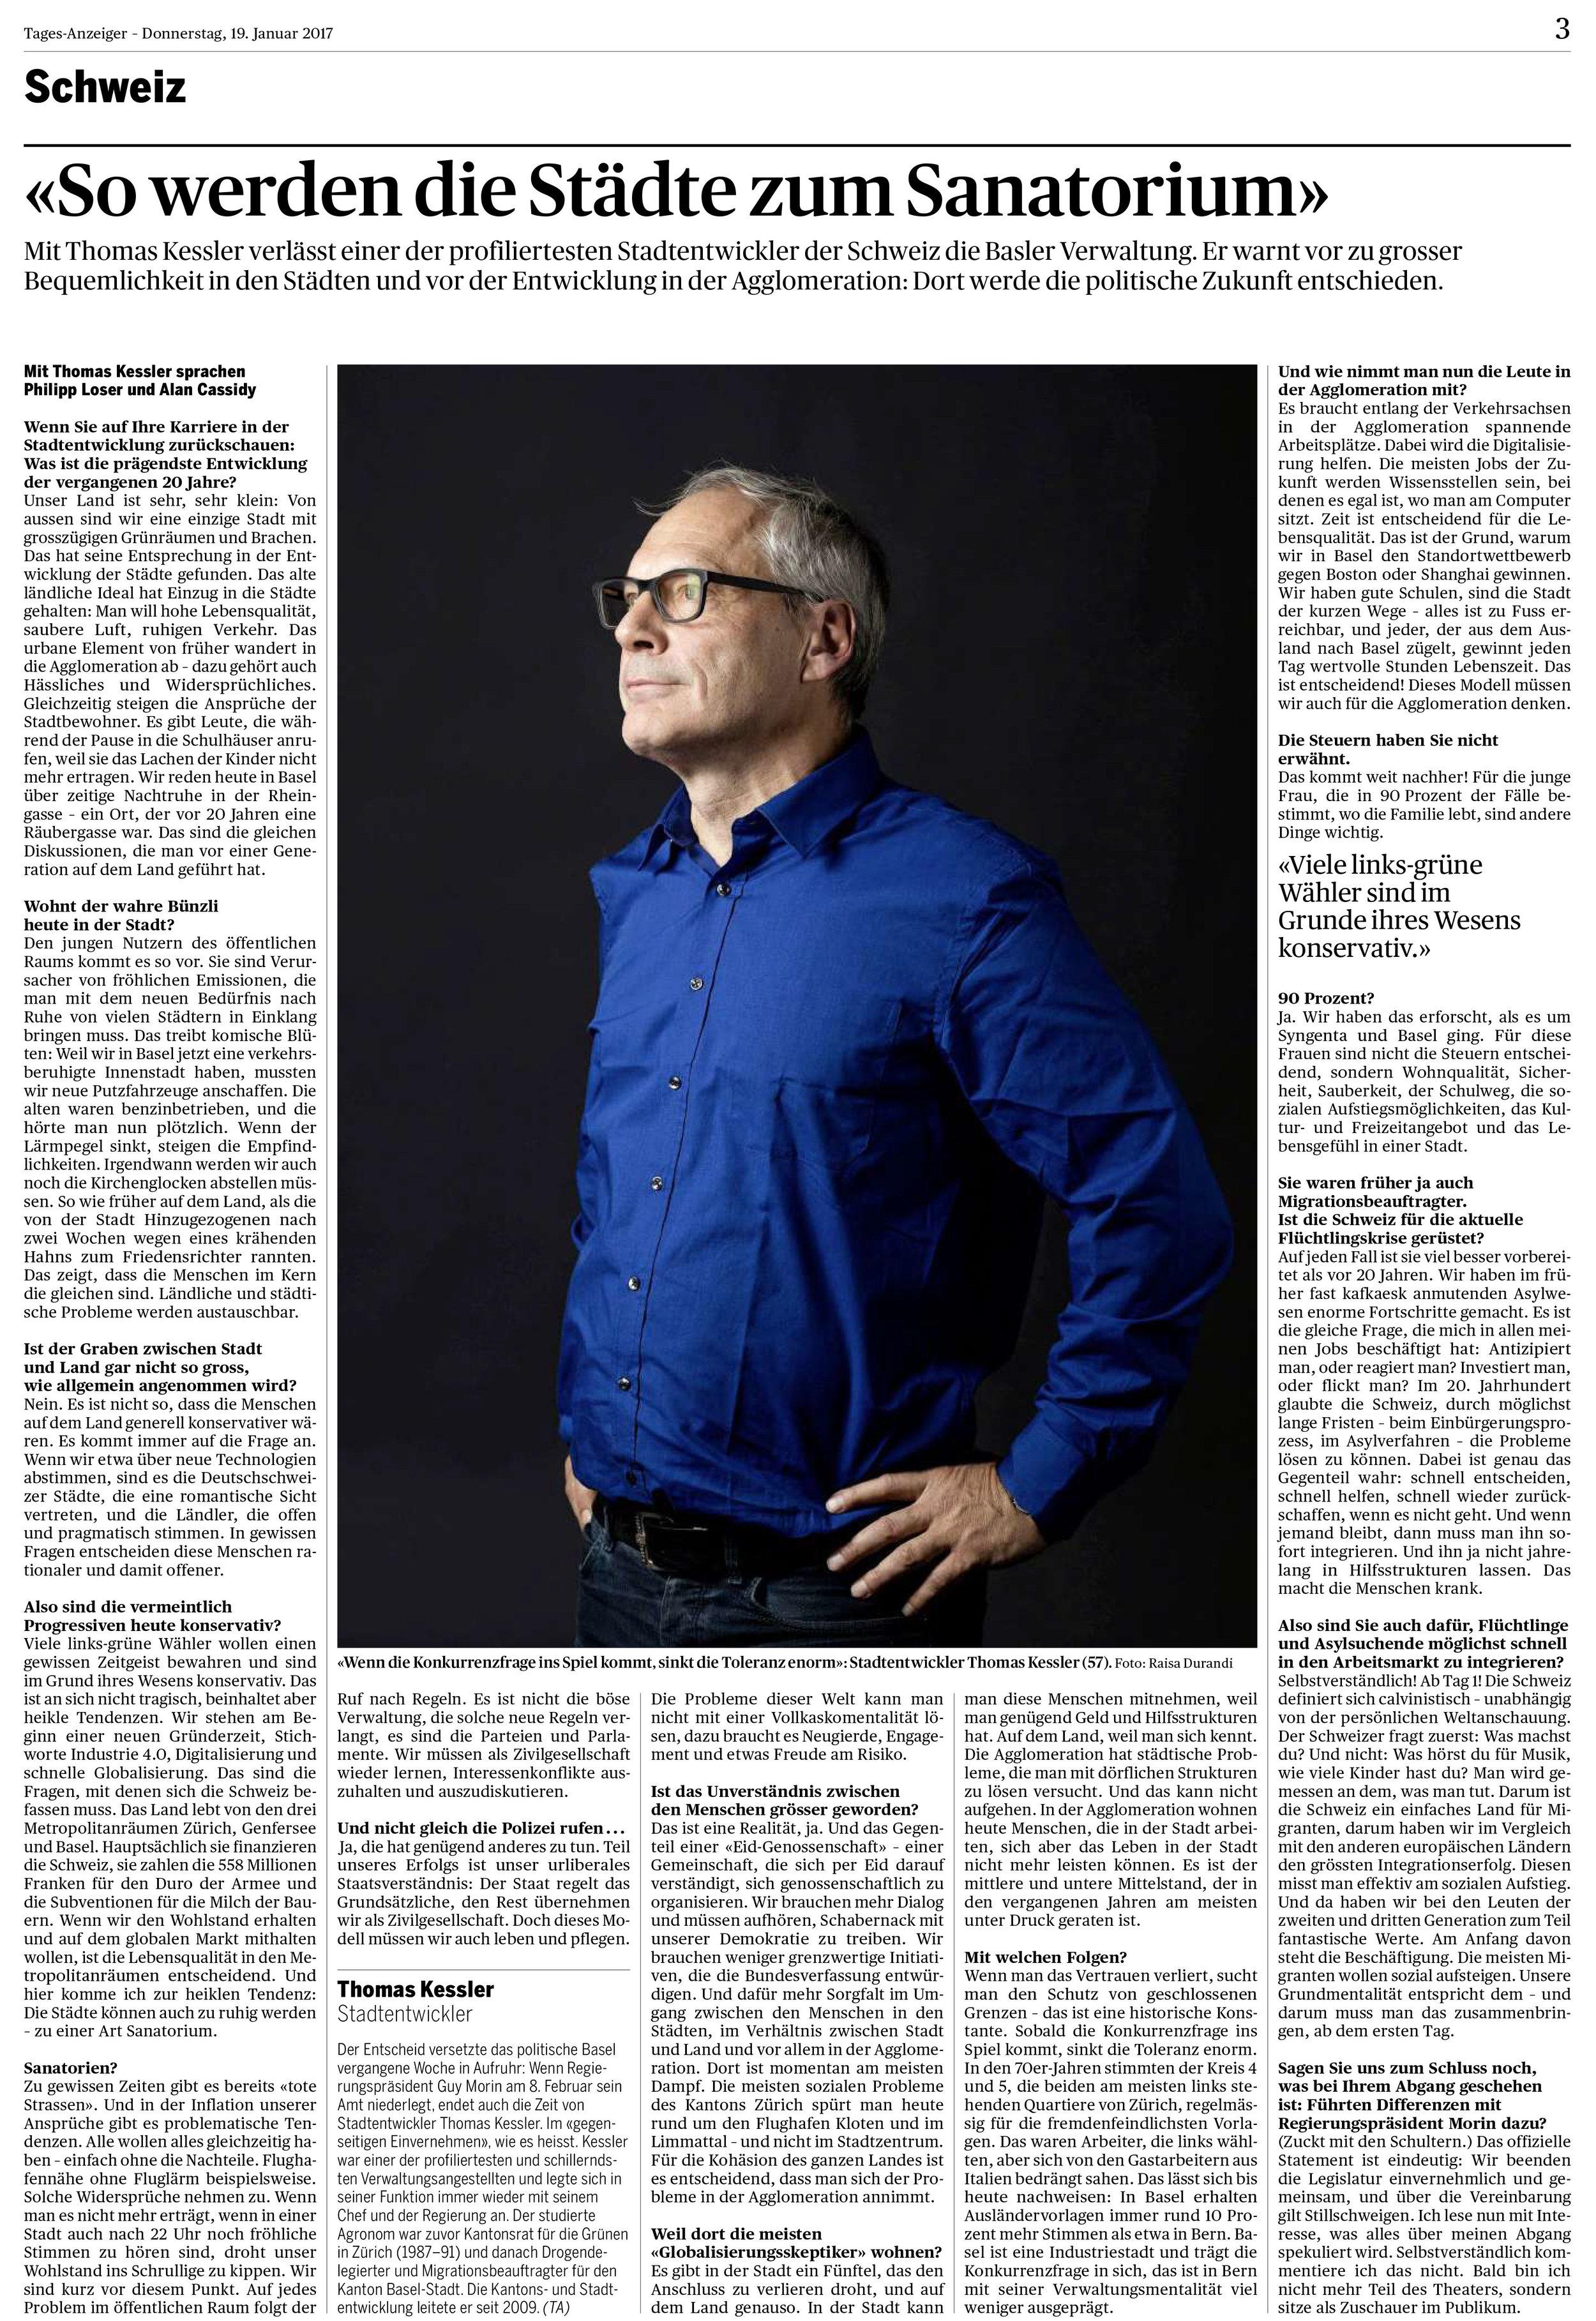 Seite_3_Tages-Anzeiger_2017-01-19.jpg